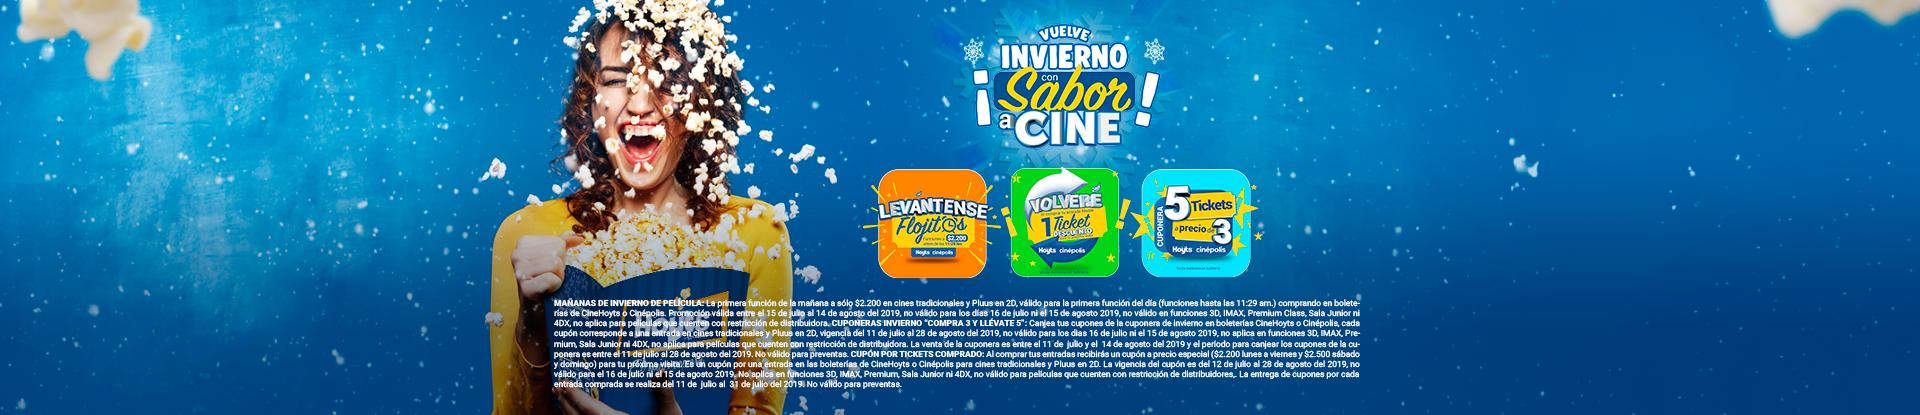 Promo Invierno